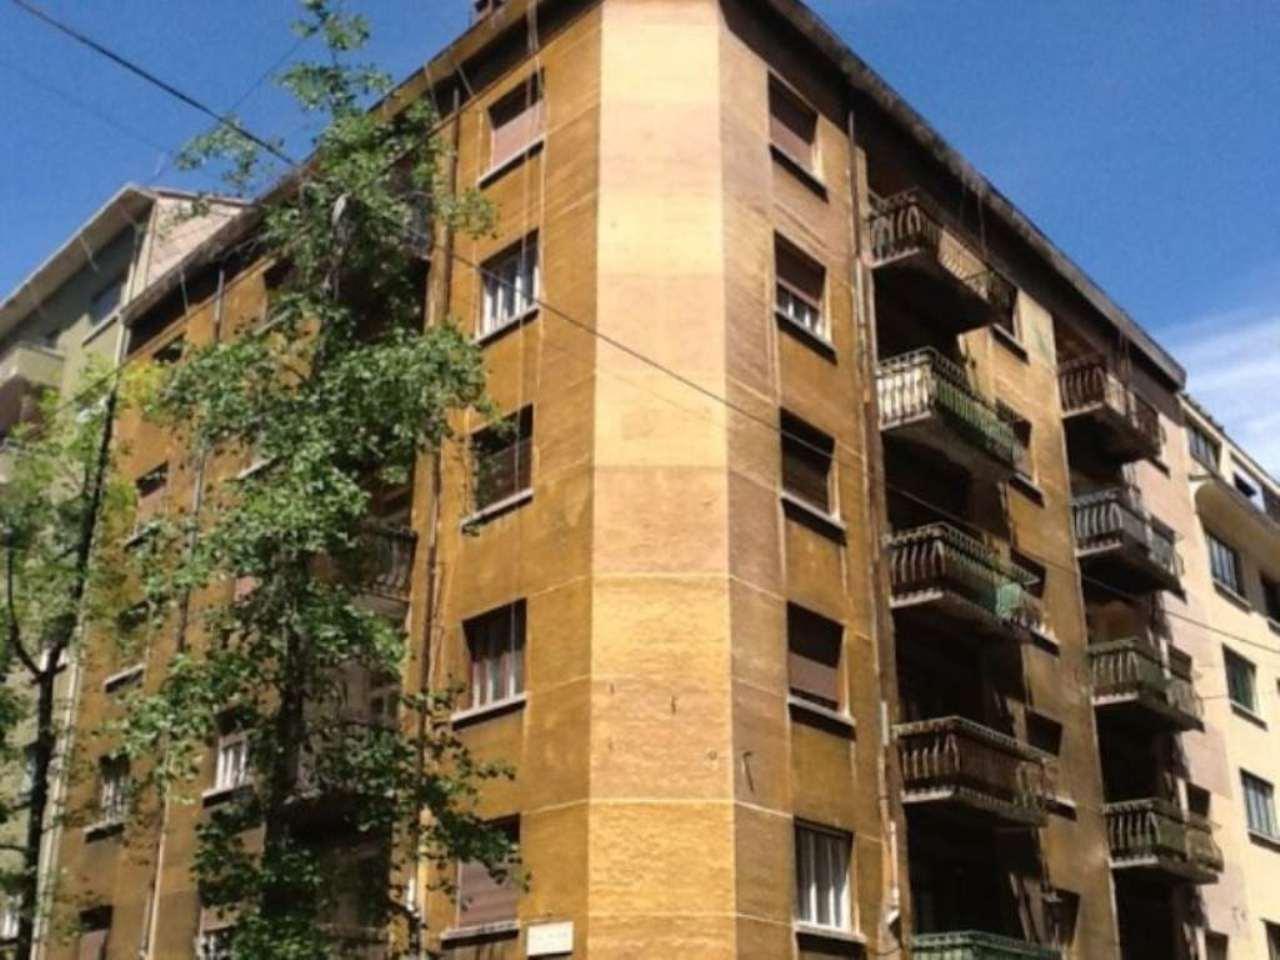 Palazzo / Stabile in vendita a Trieste, 9999 locali, Trattative riservate | Cambio Casa.it